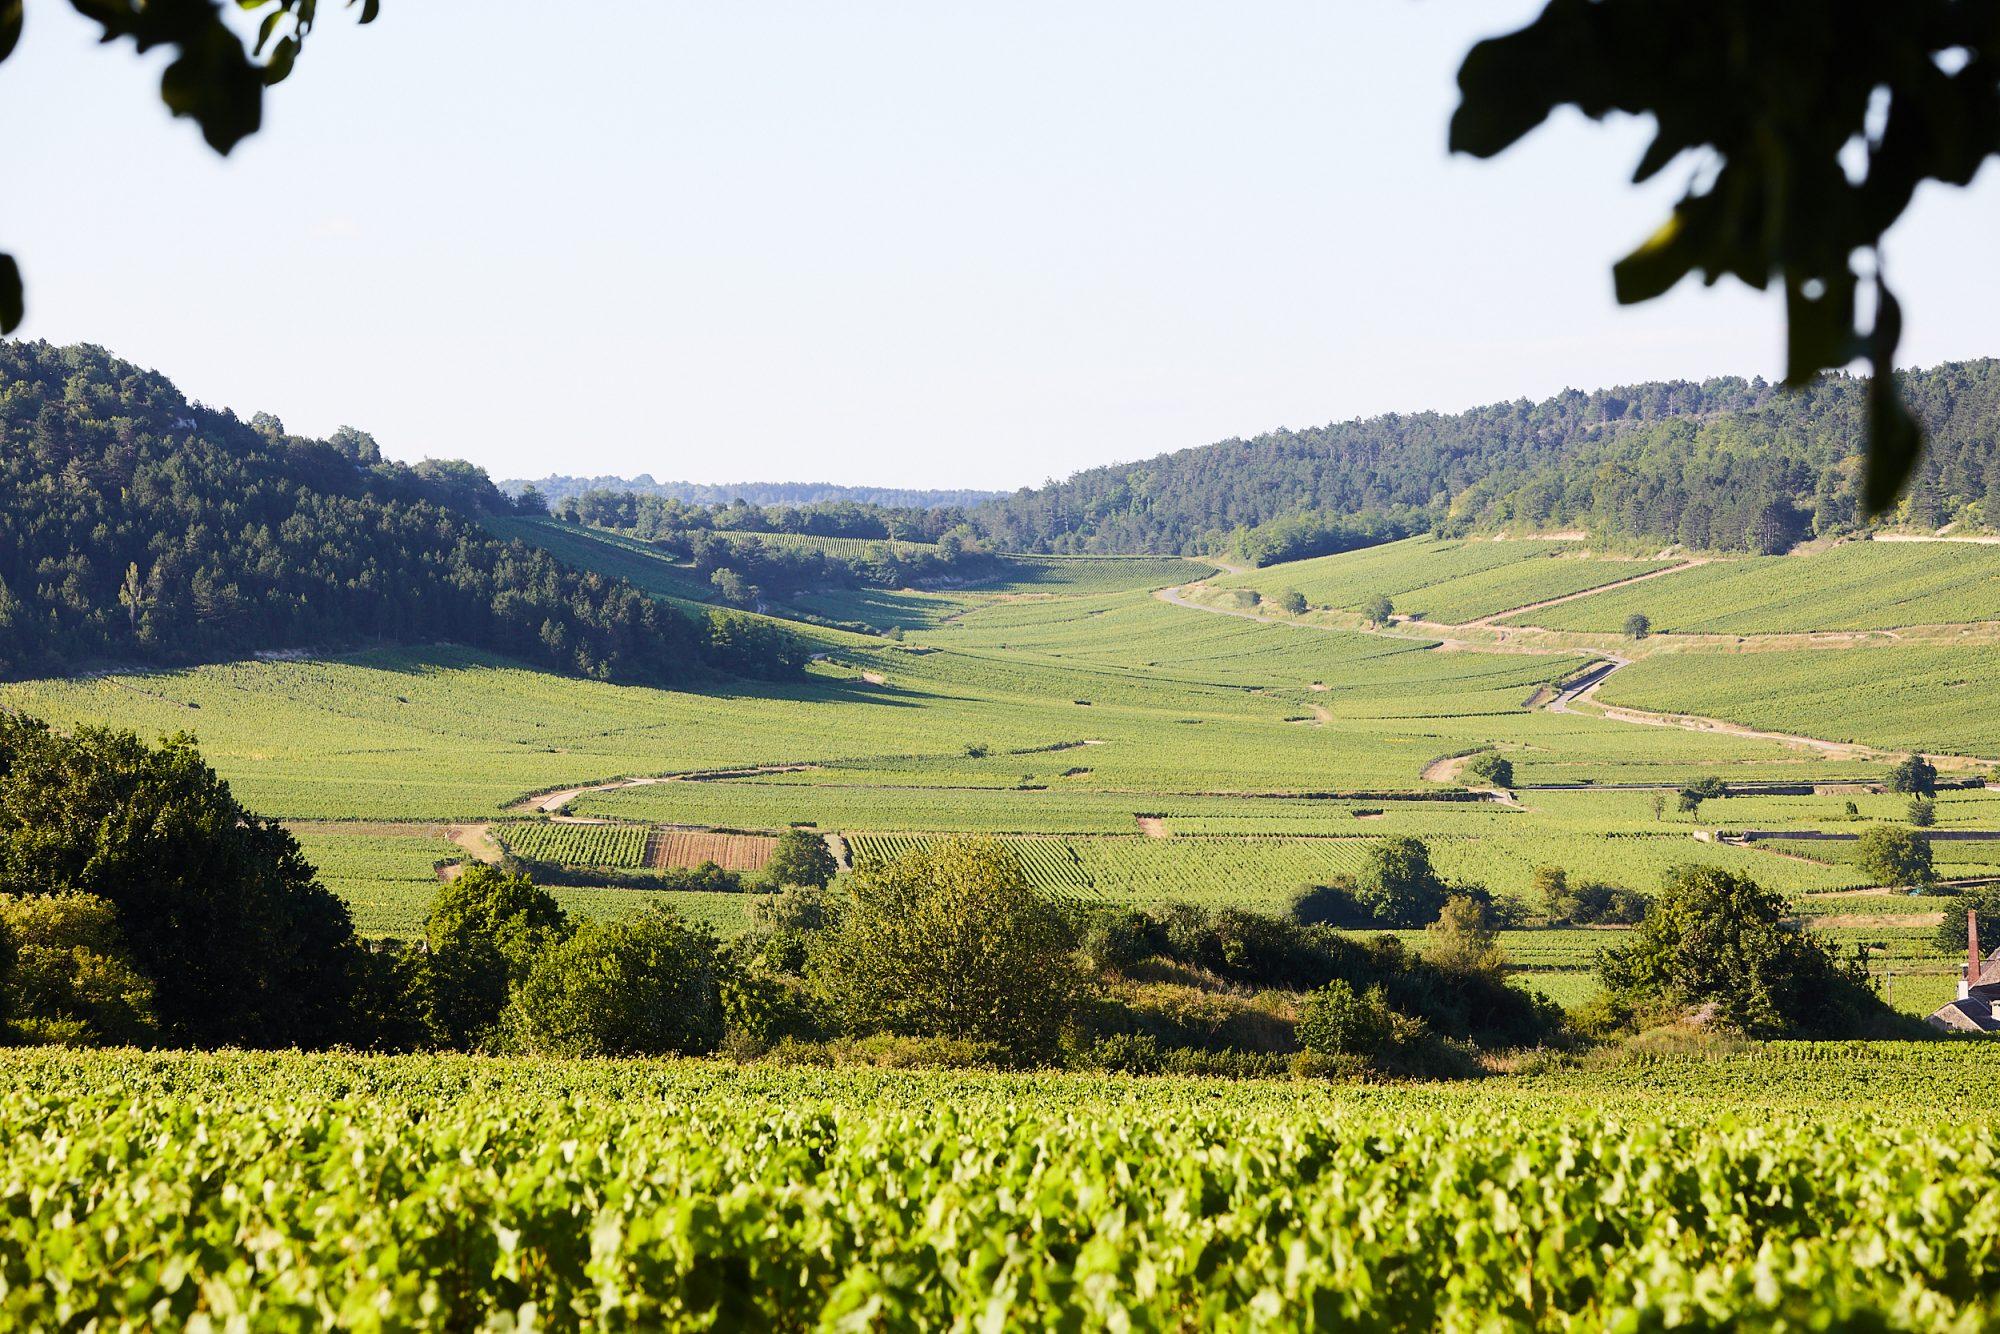 Chateau_de_Pommard_Landscapes_044